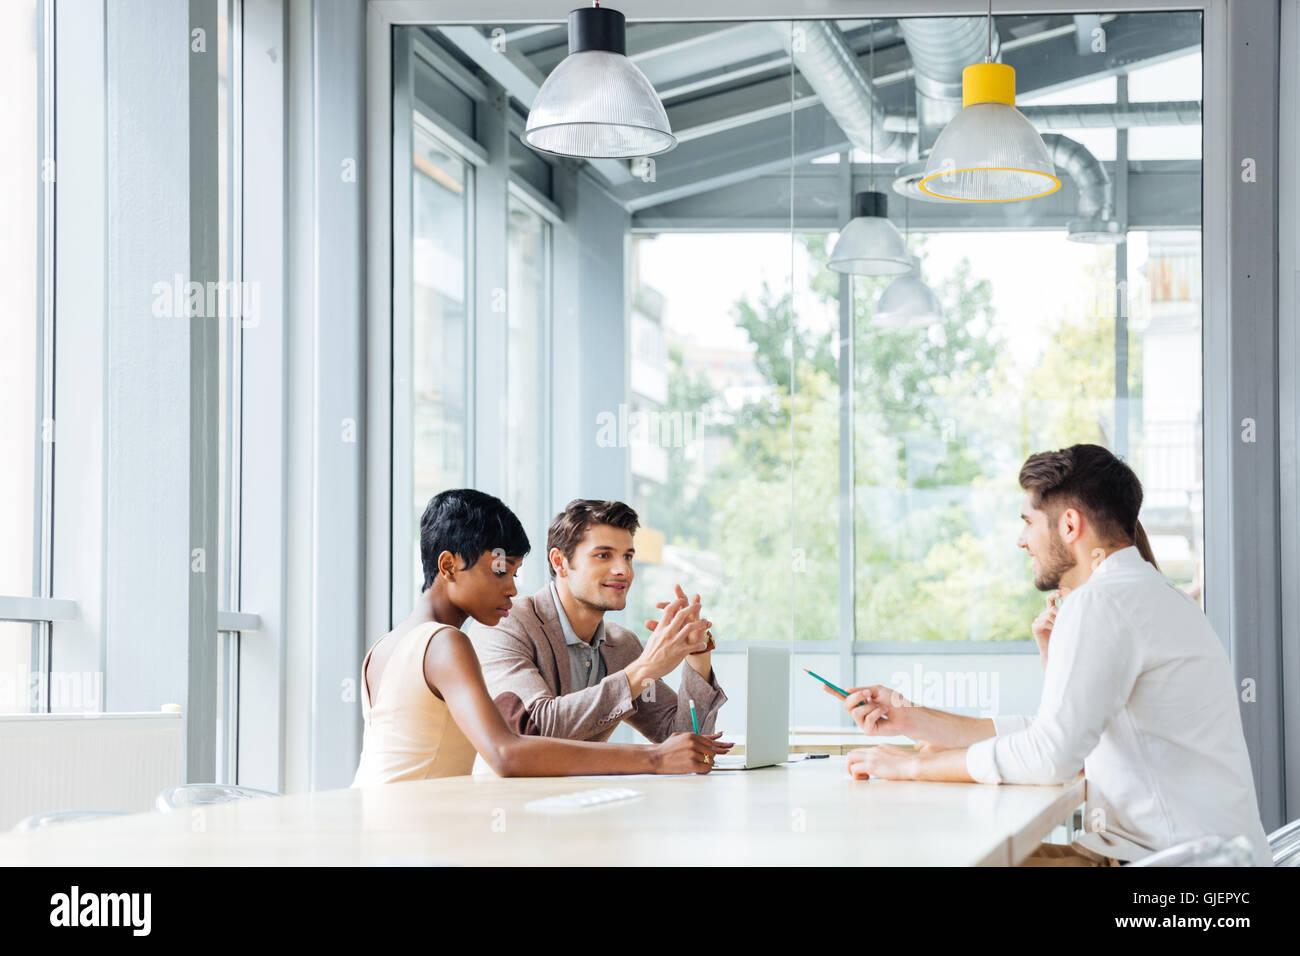 Gruppe der jungen Unternehmer arbeiten und brainstorming-Sitzung im Büro Stockbild